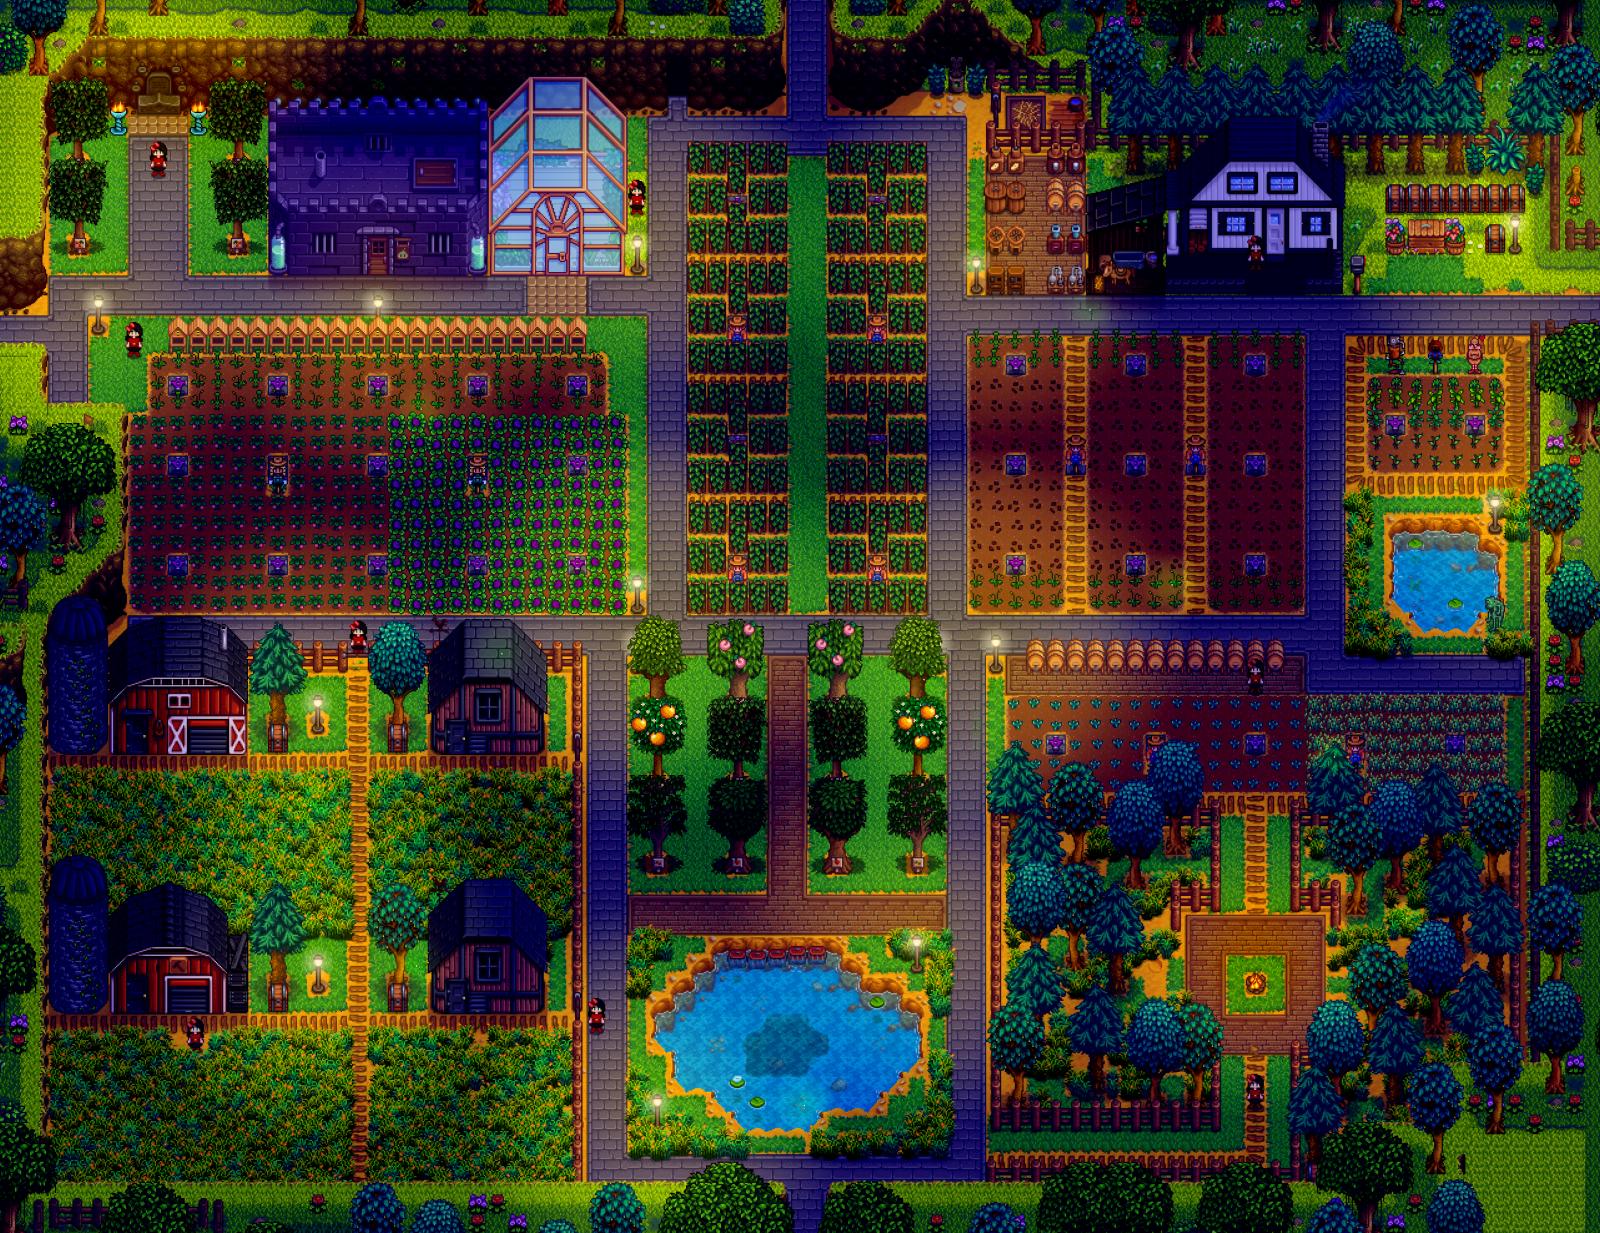 el mejor diseño de la granja de stardew valley